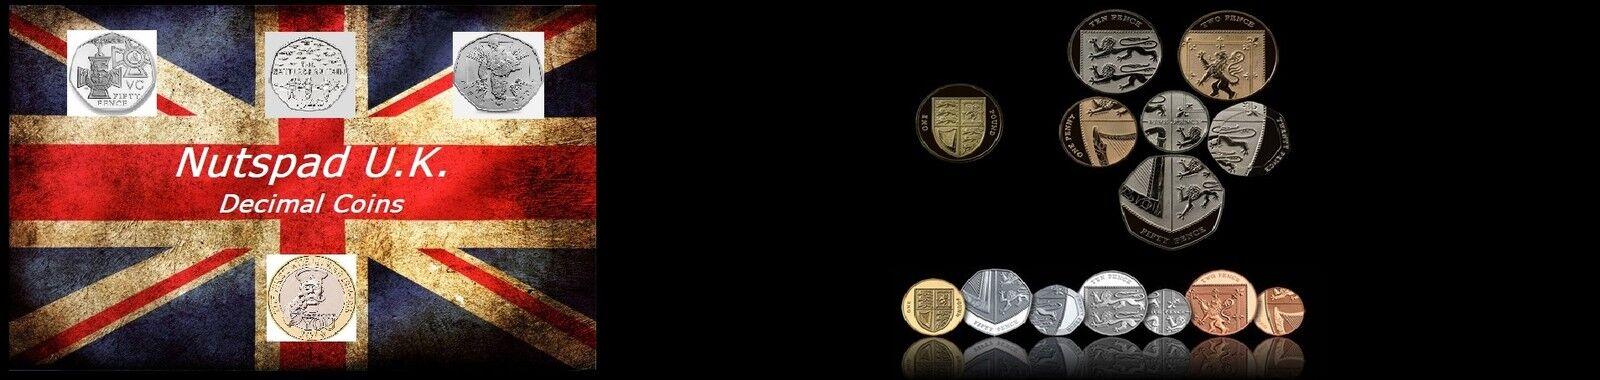 Nutspads U.K. Decimal Coins & Bits.